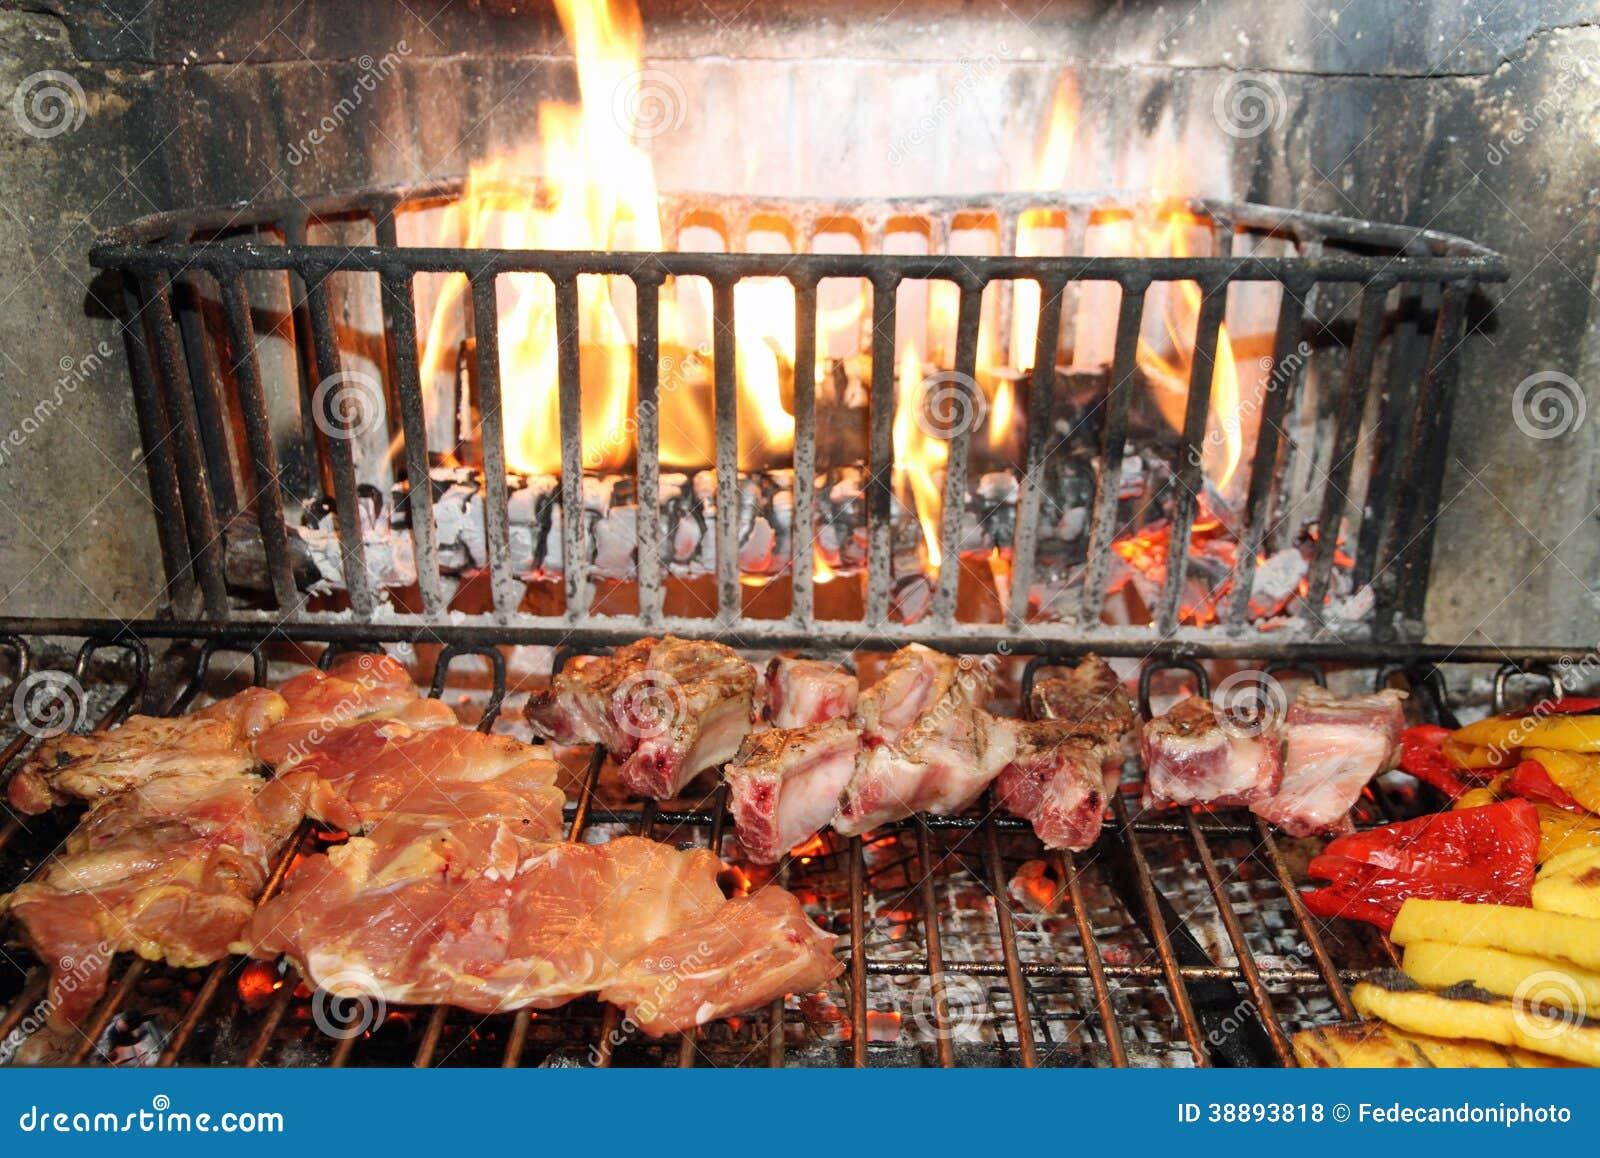 Camino Per Cucinare Carne Con La Polenta Fotografia Stock - Immagine ...